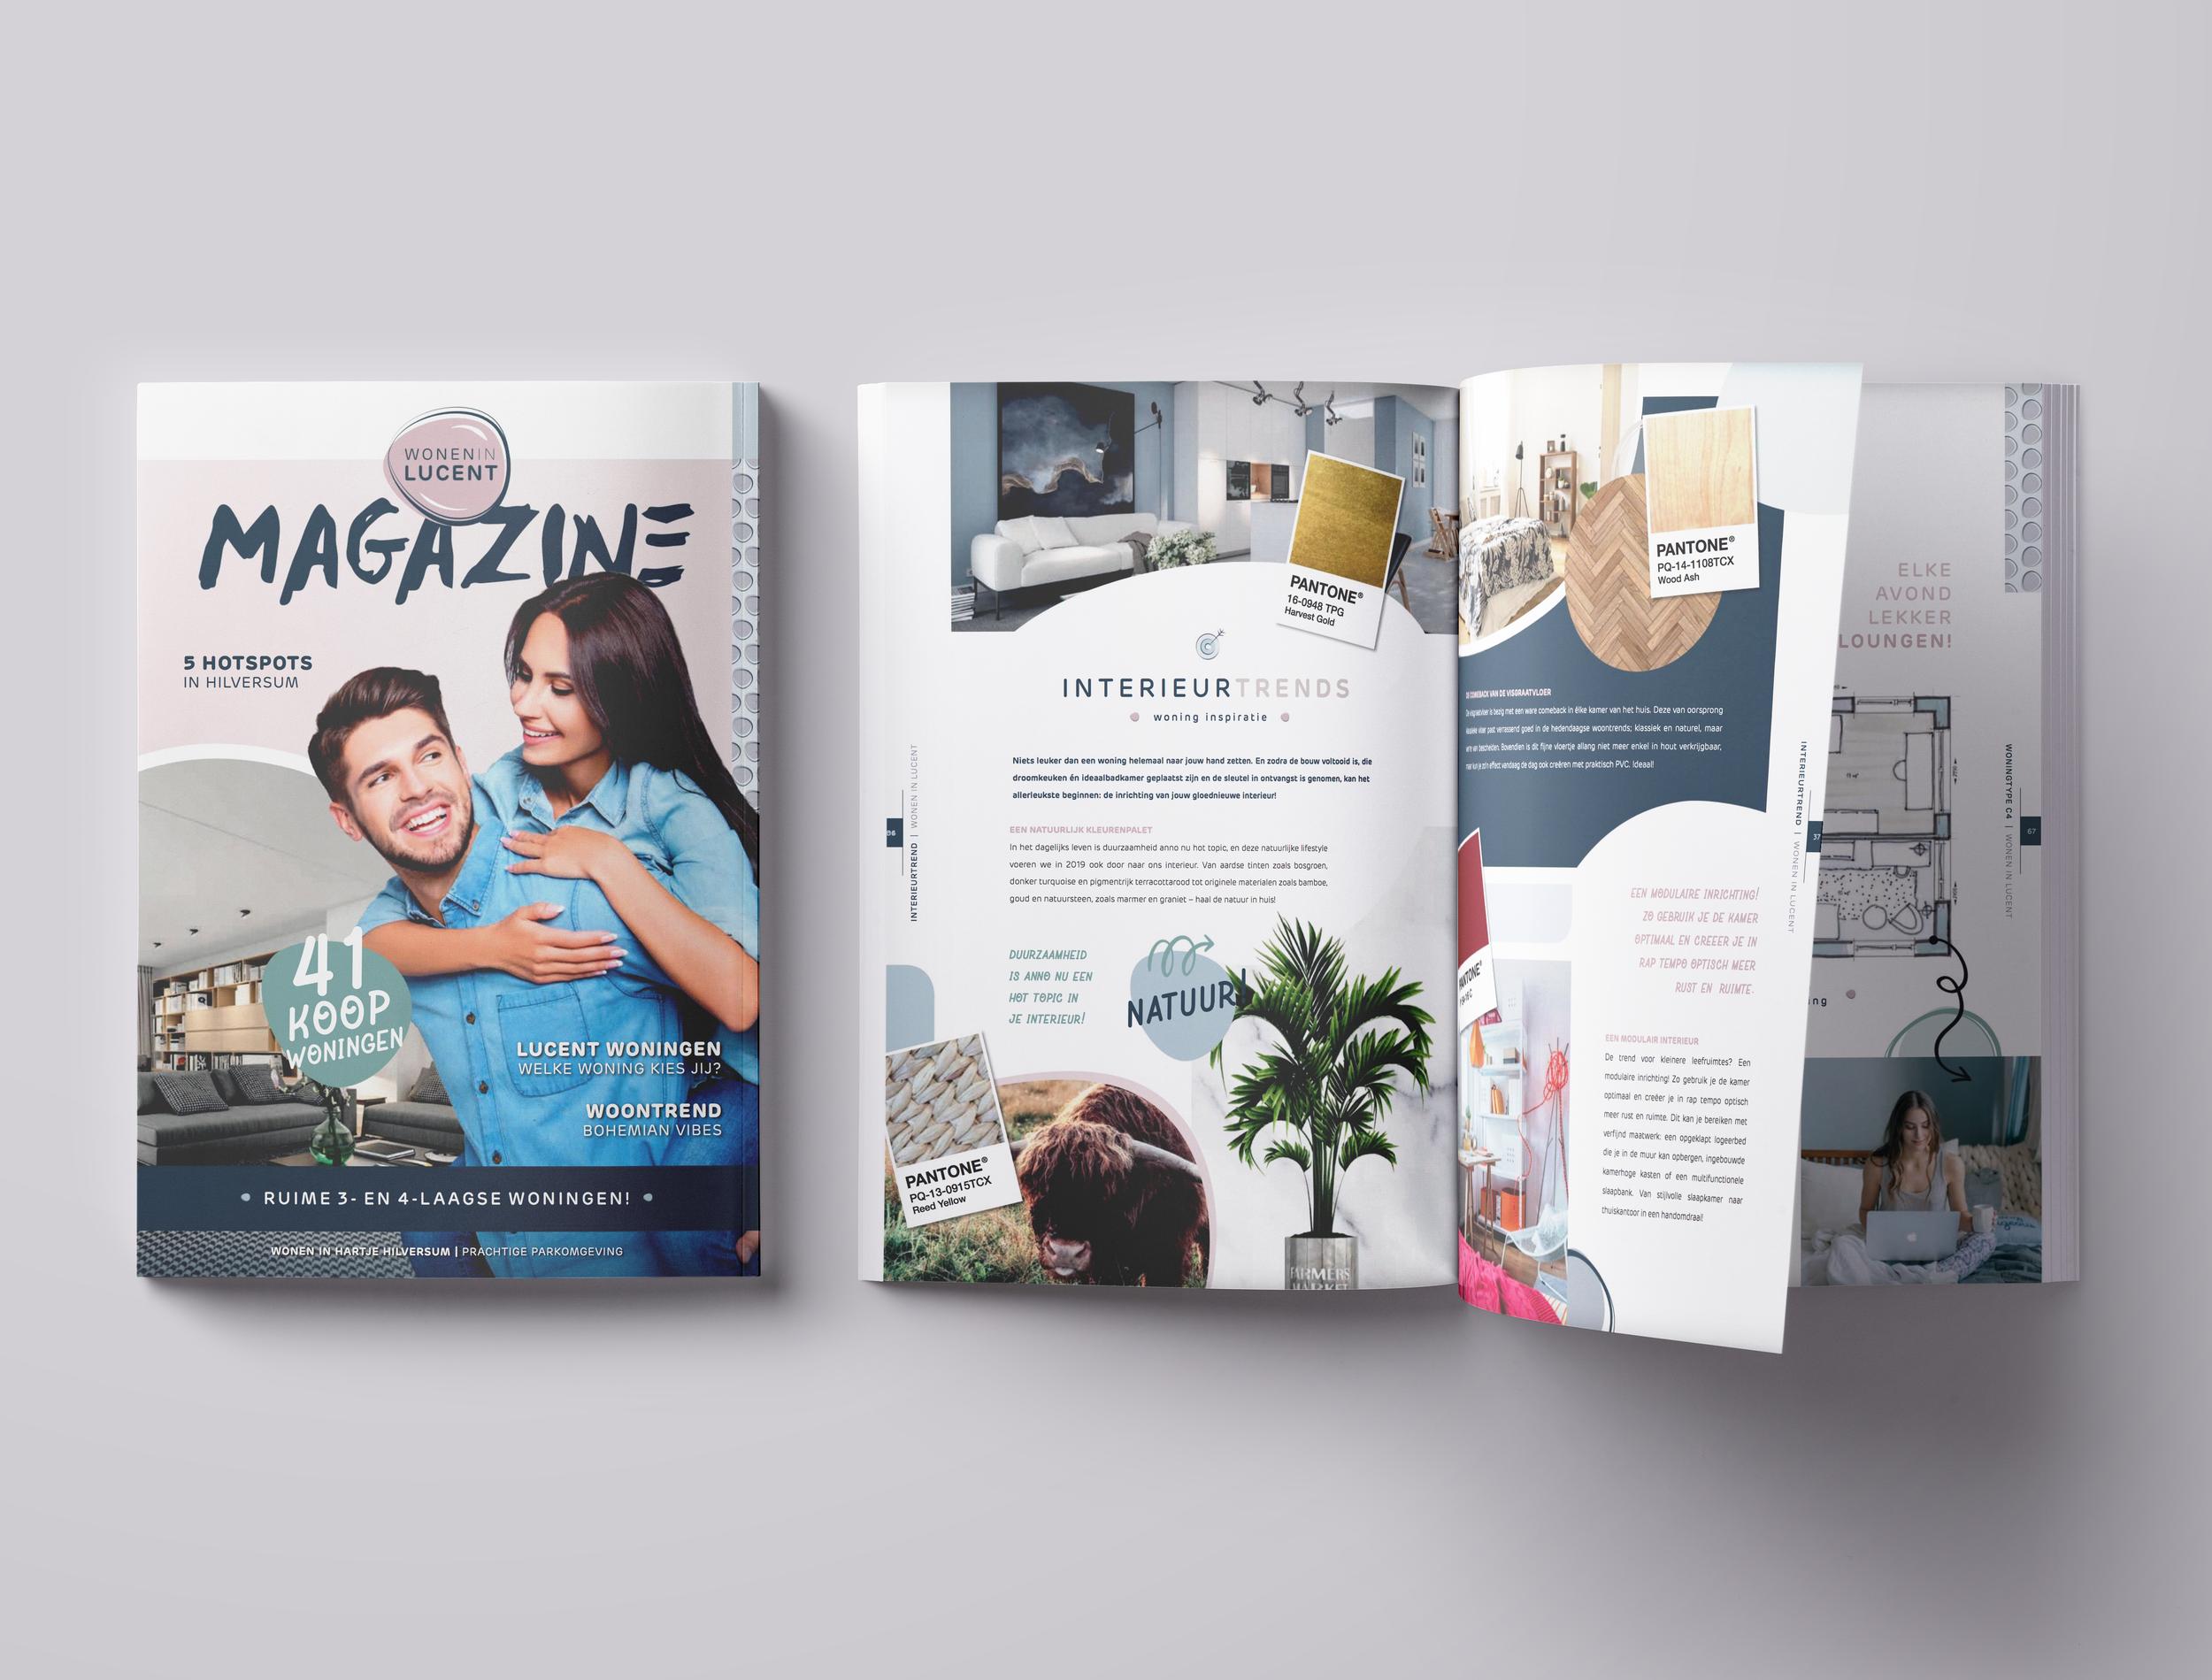 Wonen in Lucent    Voor Wonen in Lucent, een woonproject in Hilversum, produceerde ik een magazine voor potentiële kopers. Naast verkooptekeningen staat het magazine vol fijne interieurinspiratie.